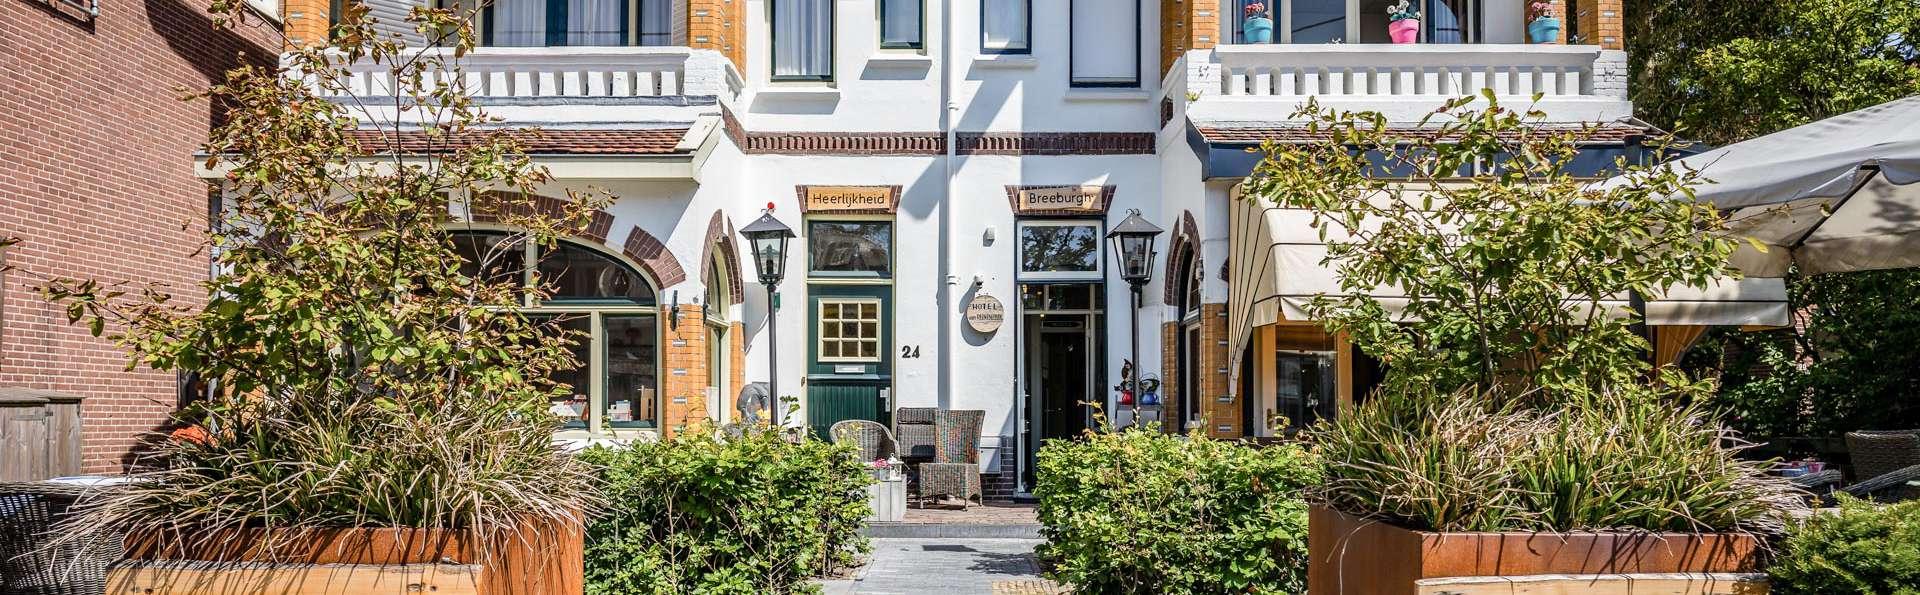 Hotel Heerlijkheid Bergen - EDIT_FRONT_03.jpg